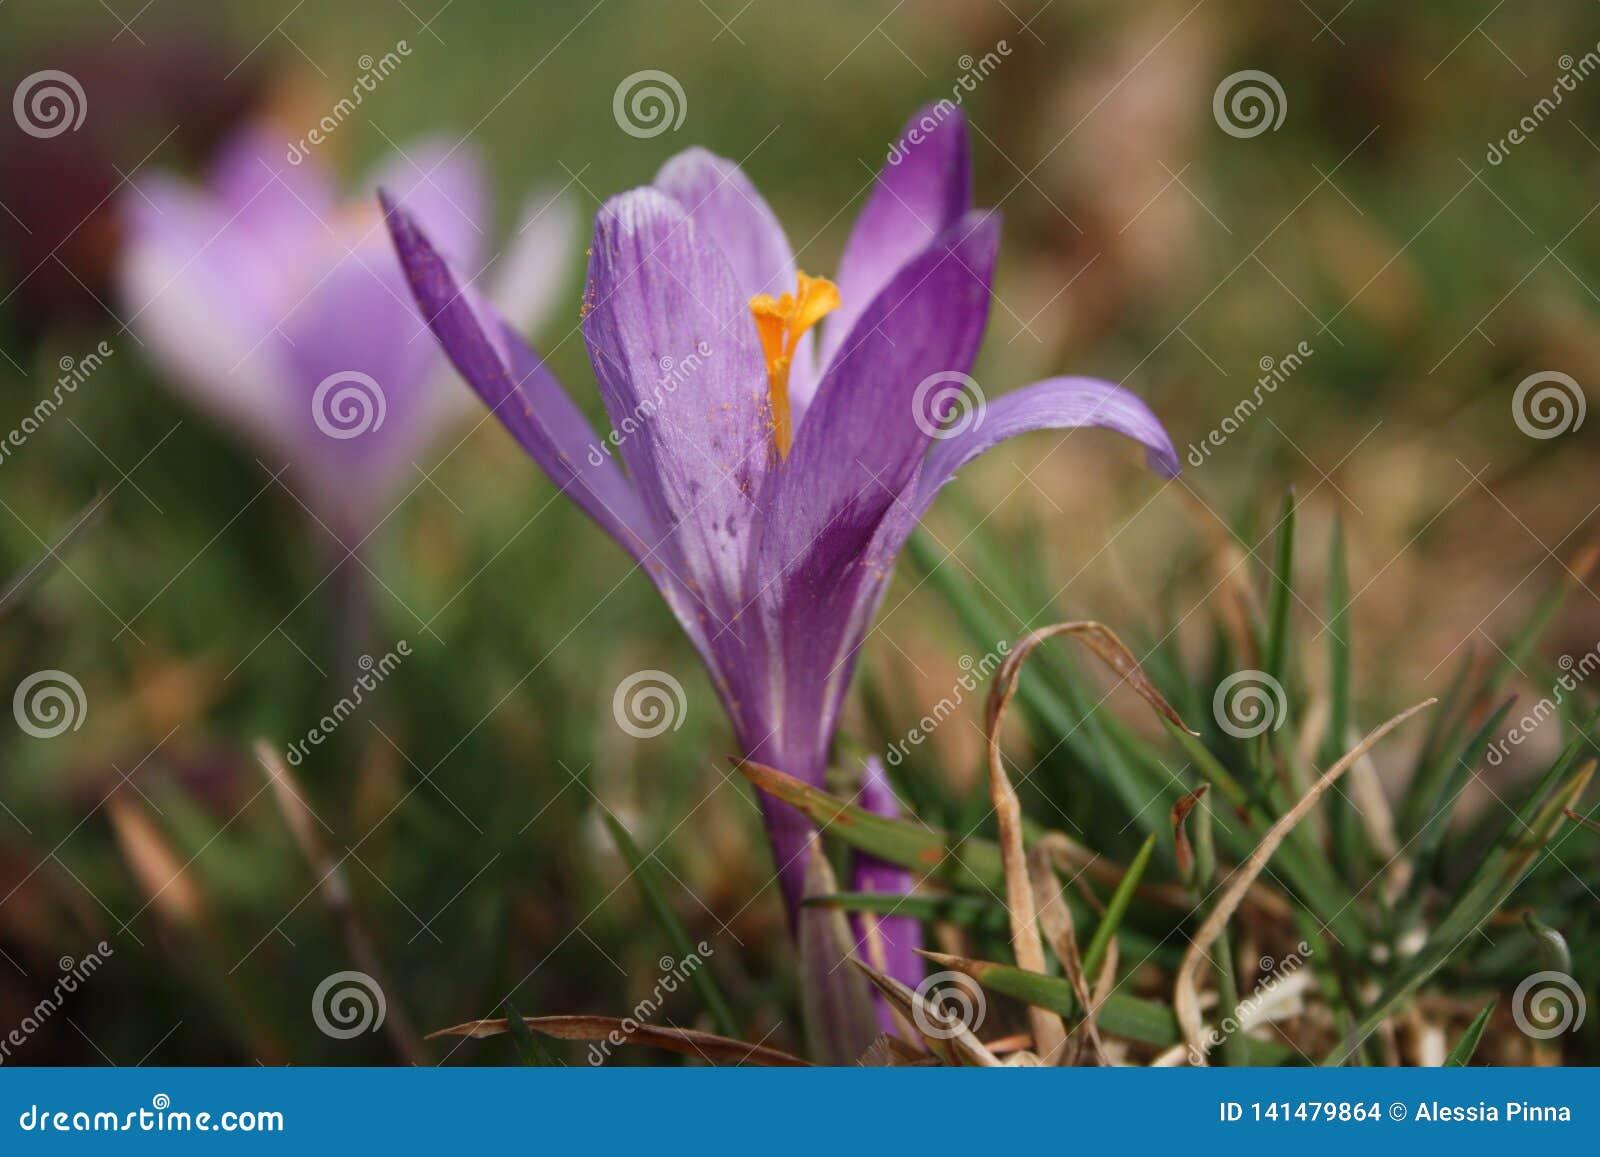 Primi frutti dei fiori La sorgente sta venendo qui le prime piante della fioritura di marzo, la buona stagione arriva